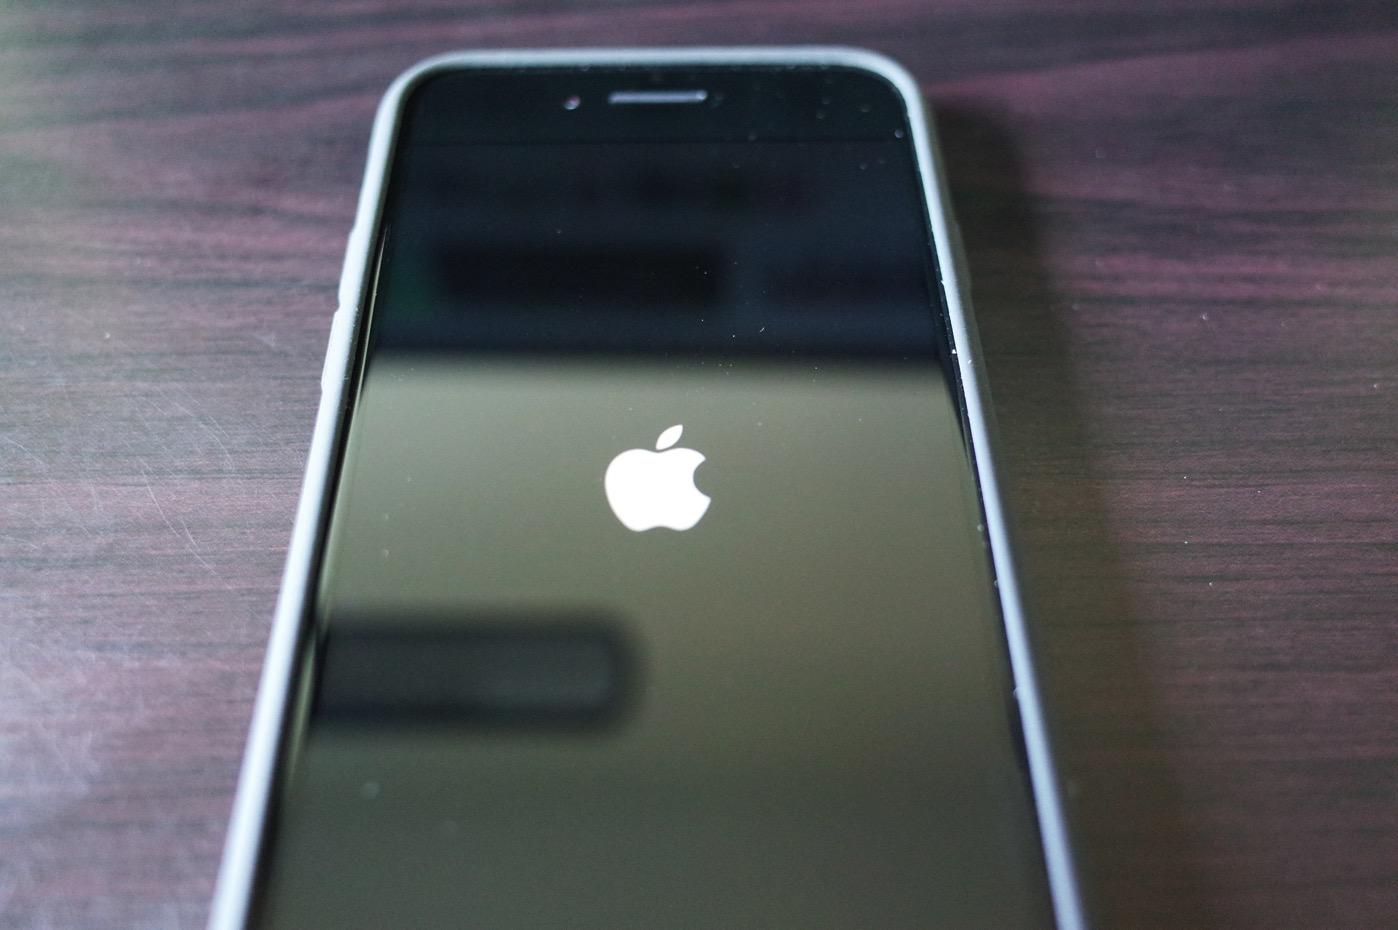 iPhone 7 ジェットブラック 256GB-1